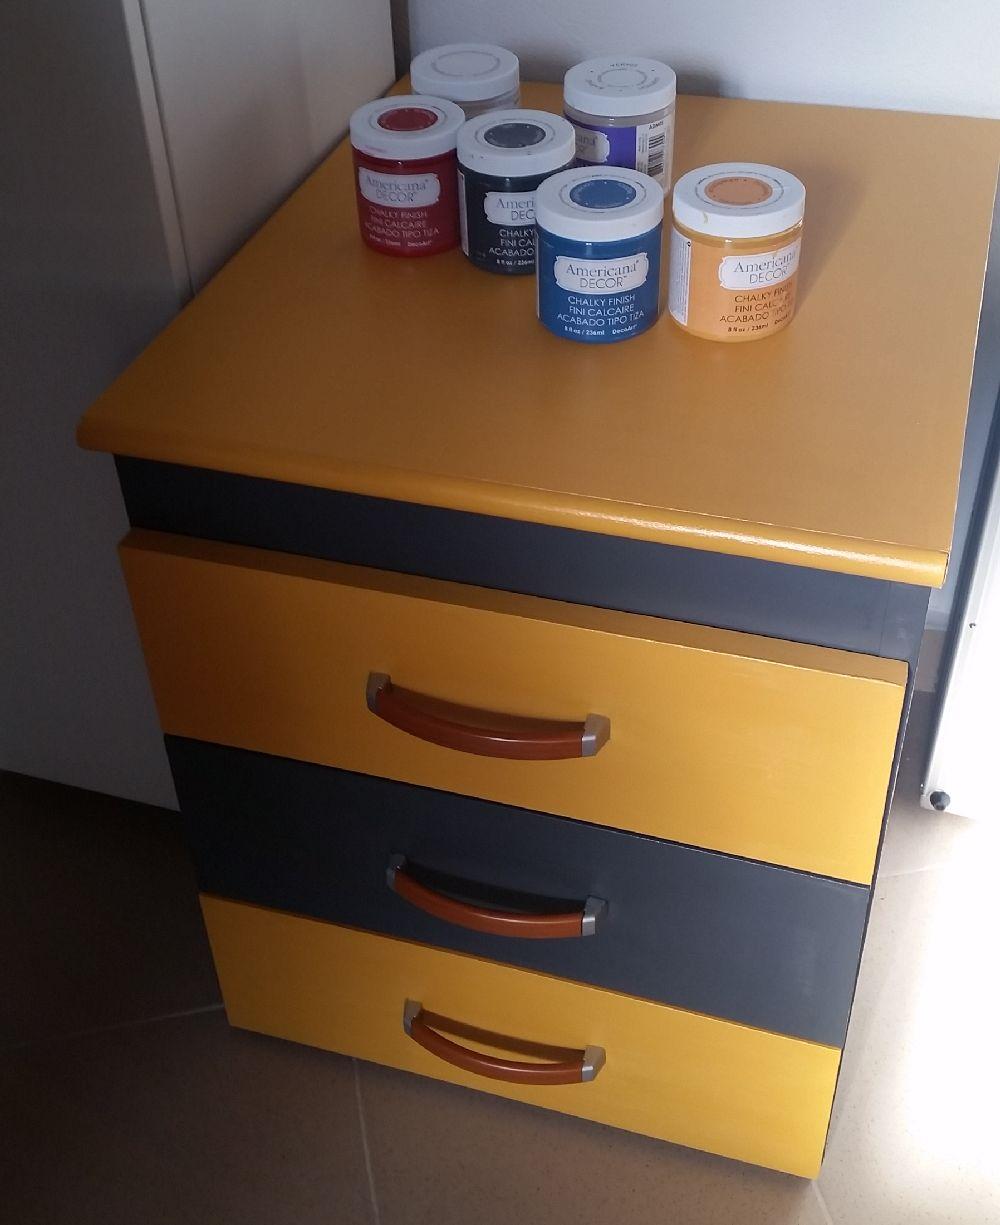 adelaparvu.com vopsea decorativa pentru PAL, lemn, sticla, metal Americana Decor Chalk Paint de la magazinul Culori si Idei (5)